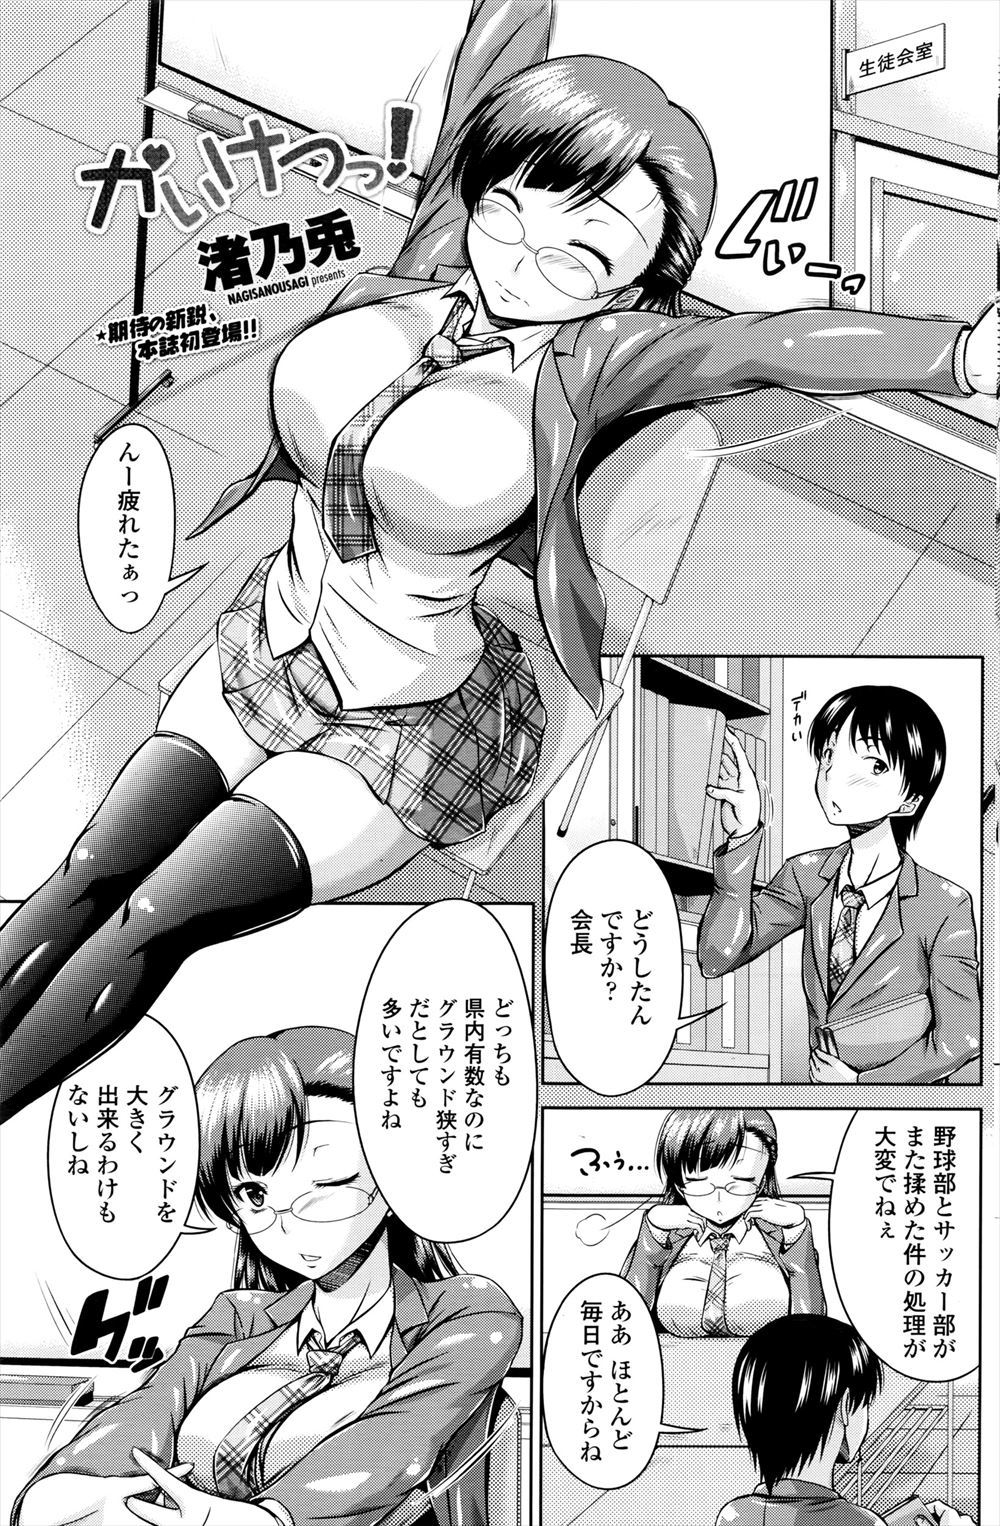 [渚乃兎] かいけつっ! (1)